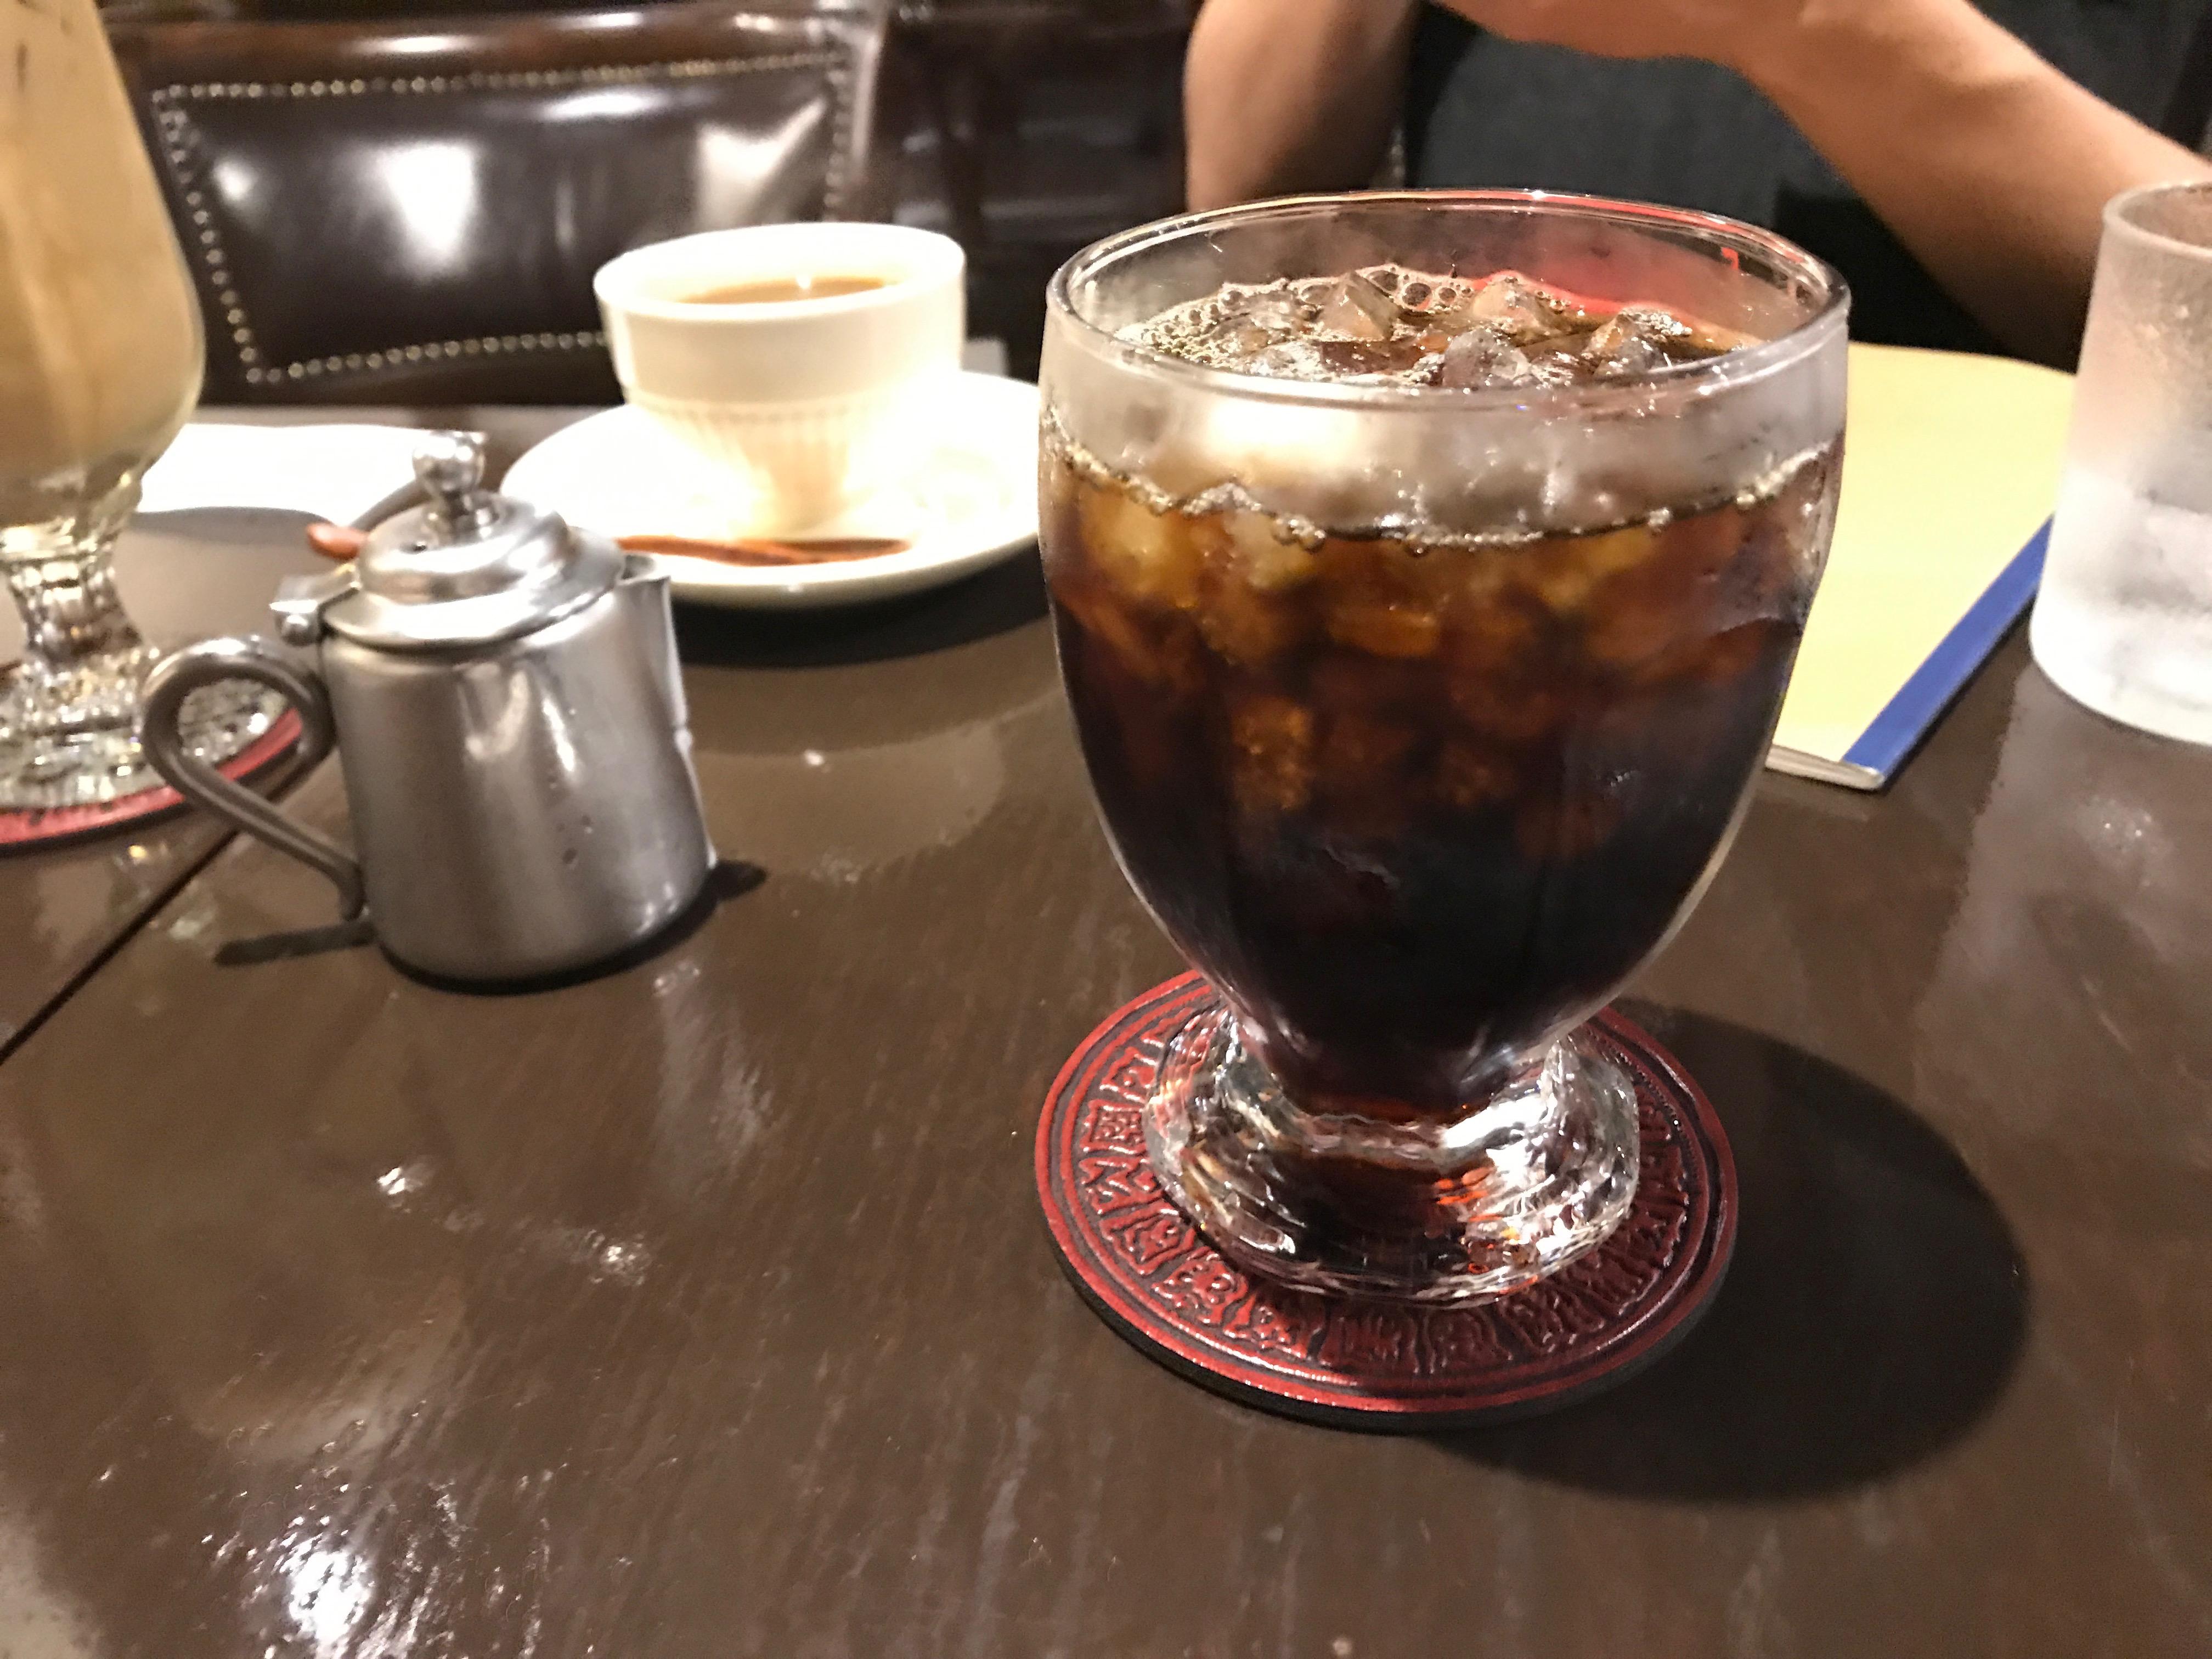 【天神橋筋純喫茶探訪記】水出しサイフォンなコーヒーをいただ..